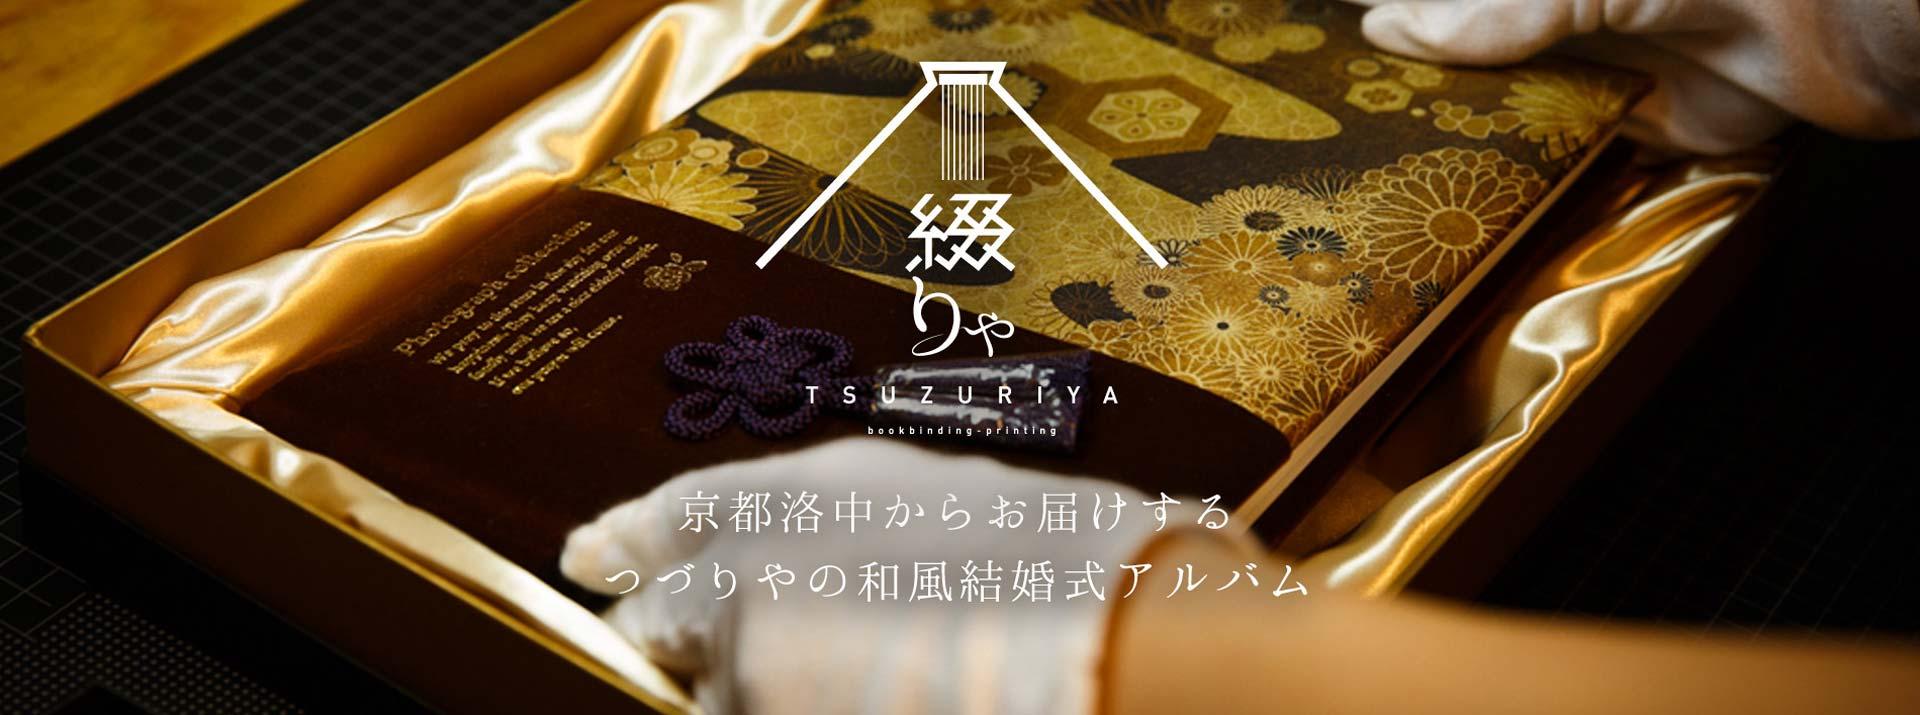 綴りや TSUZURIYA 京都洛中からお届けする綴りやの和風結婚式アルバム